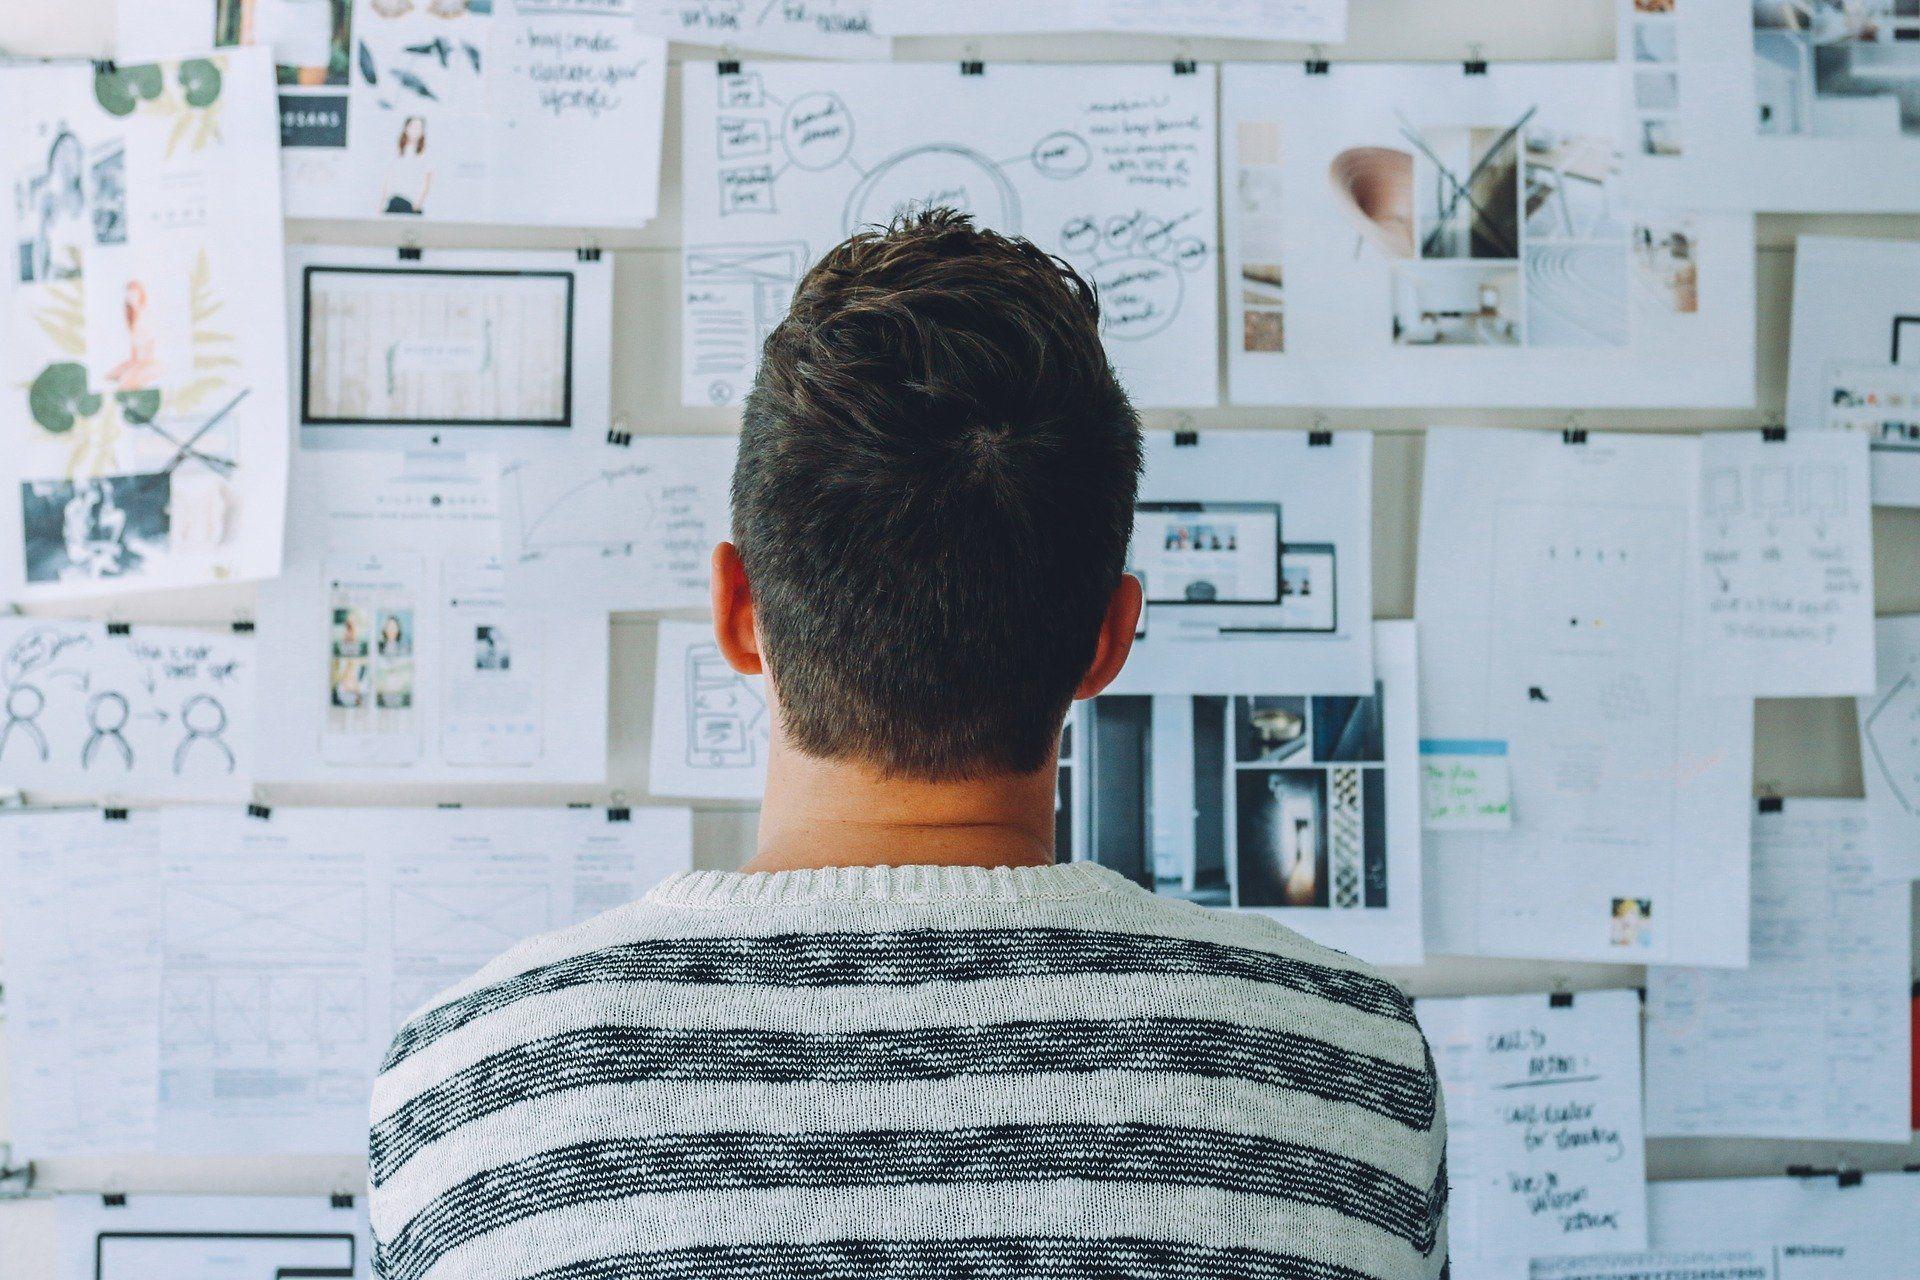 ¿Estás pensando en invertir en una startup?